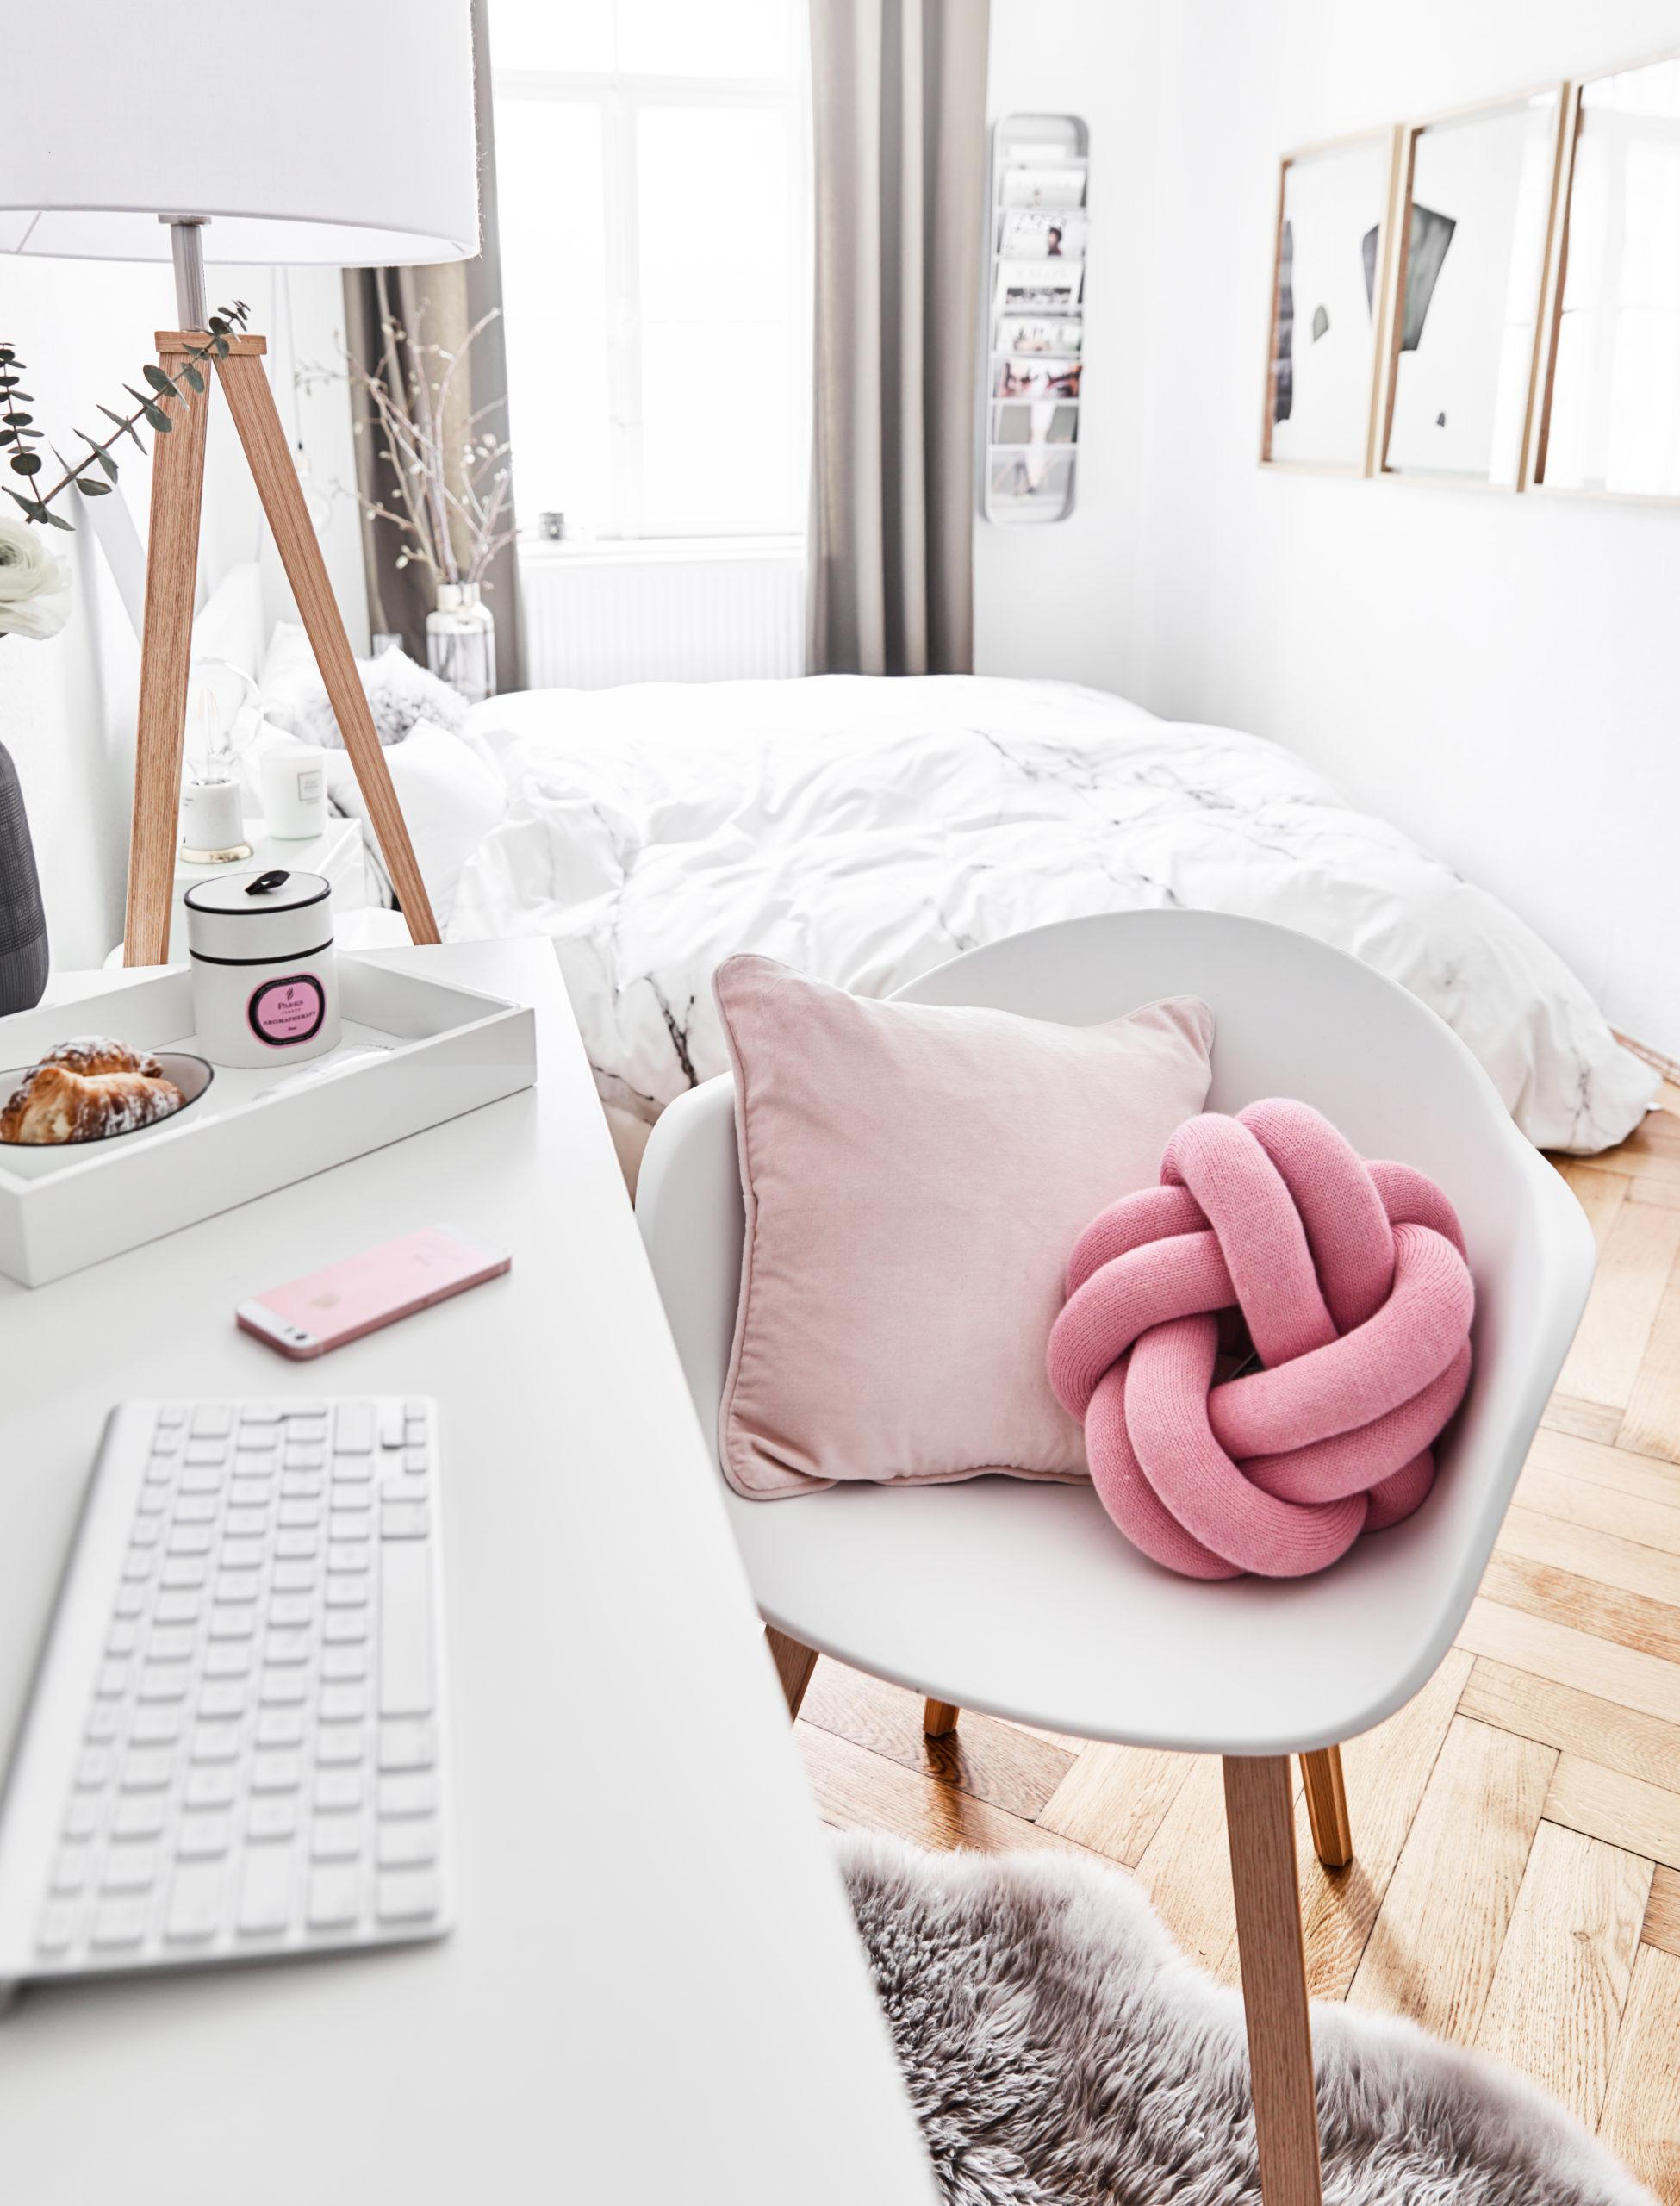 Biała sypialnia z dodatkami w kolorze brudnego różu